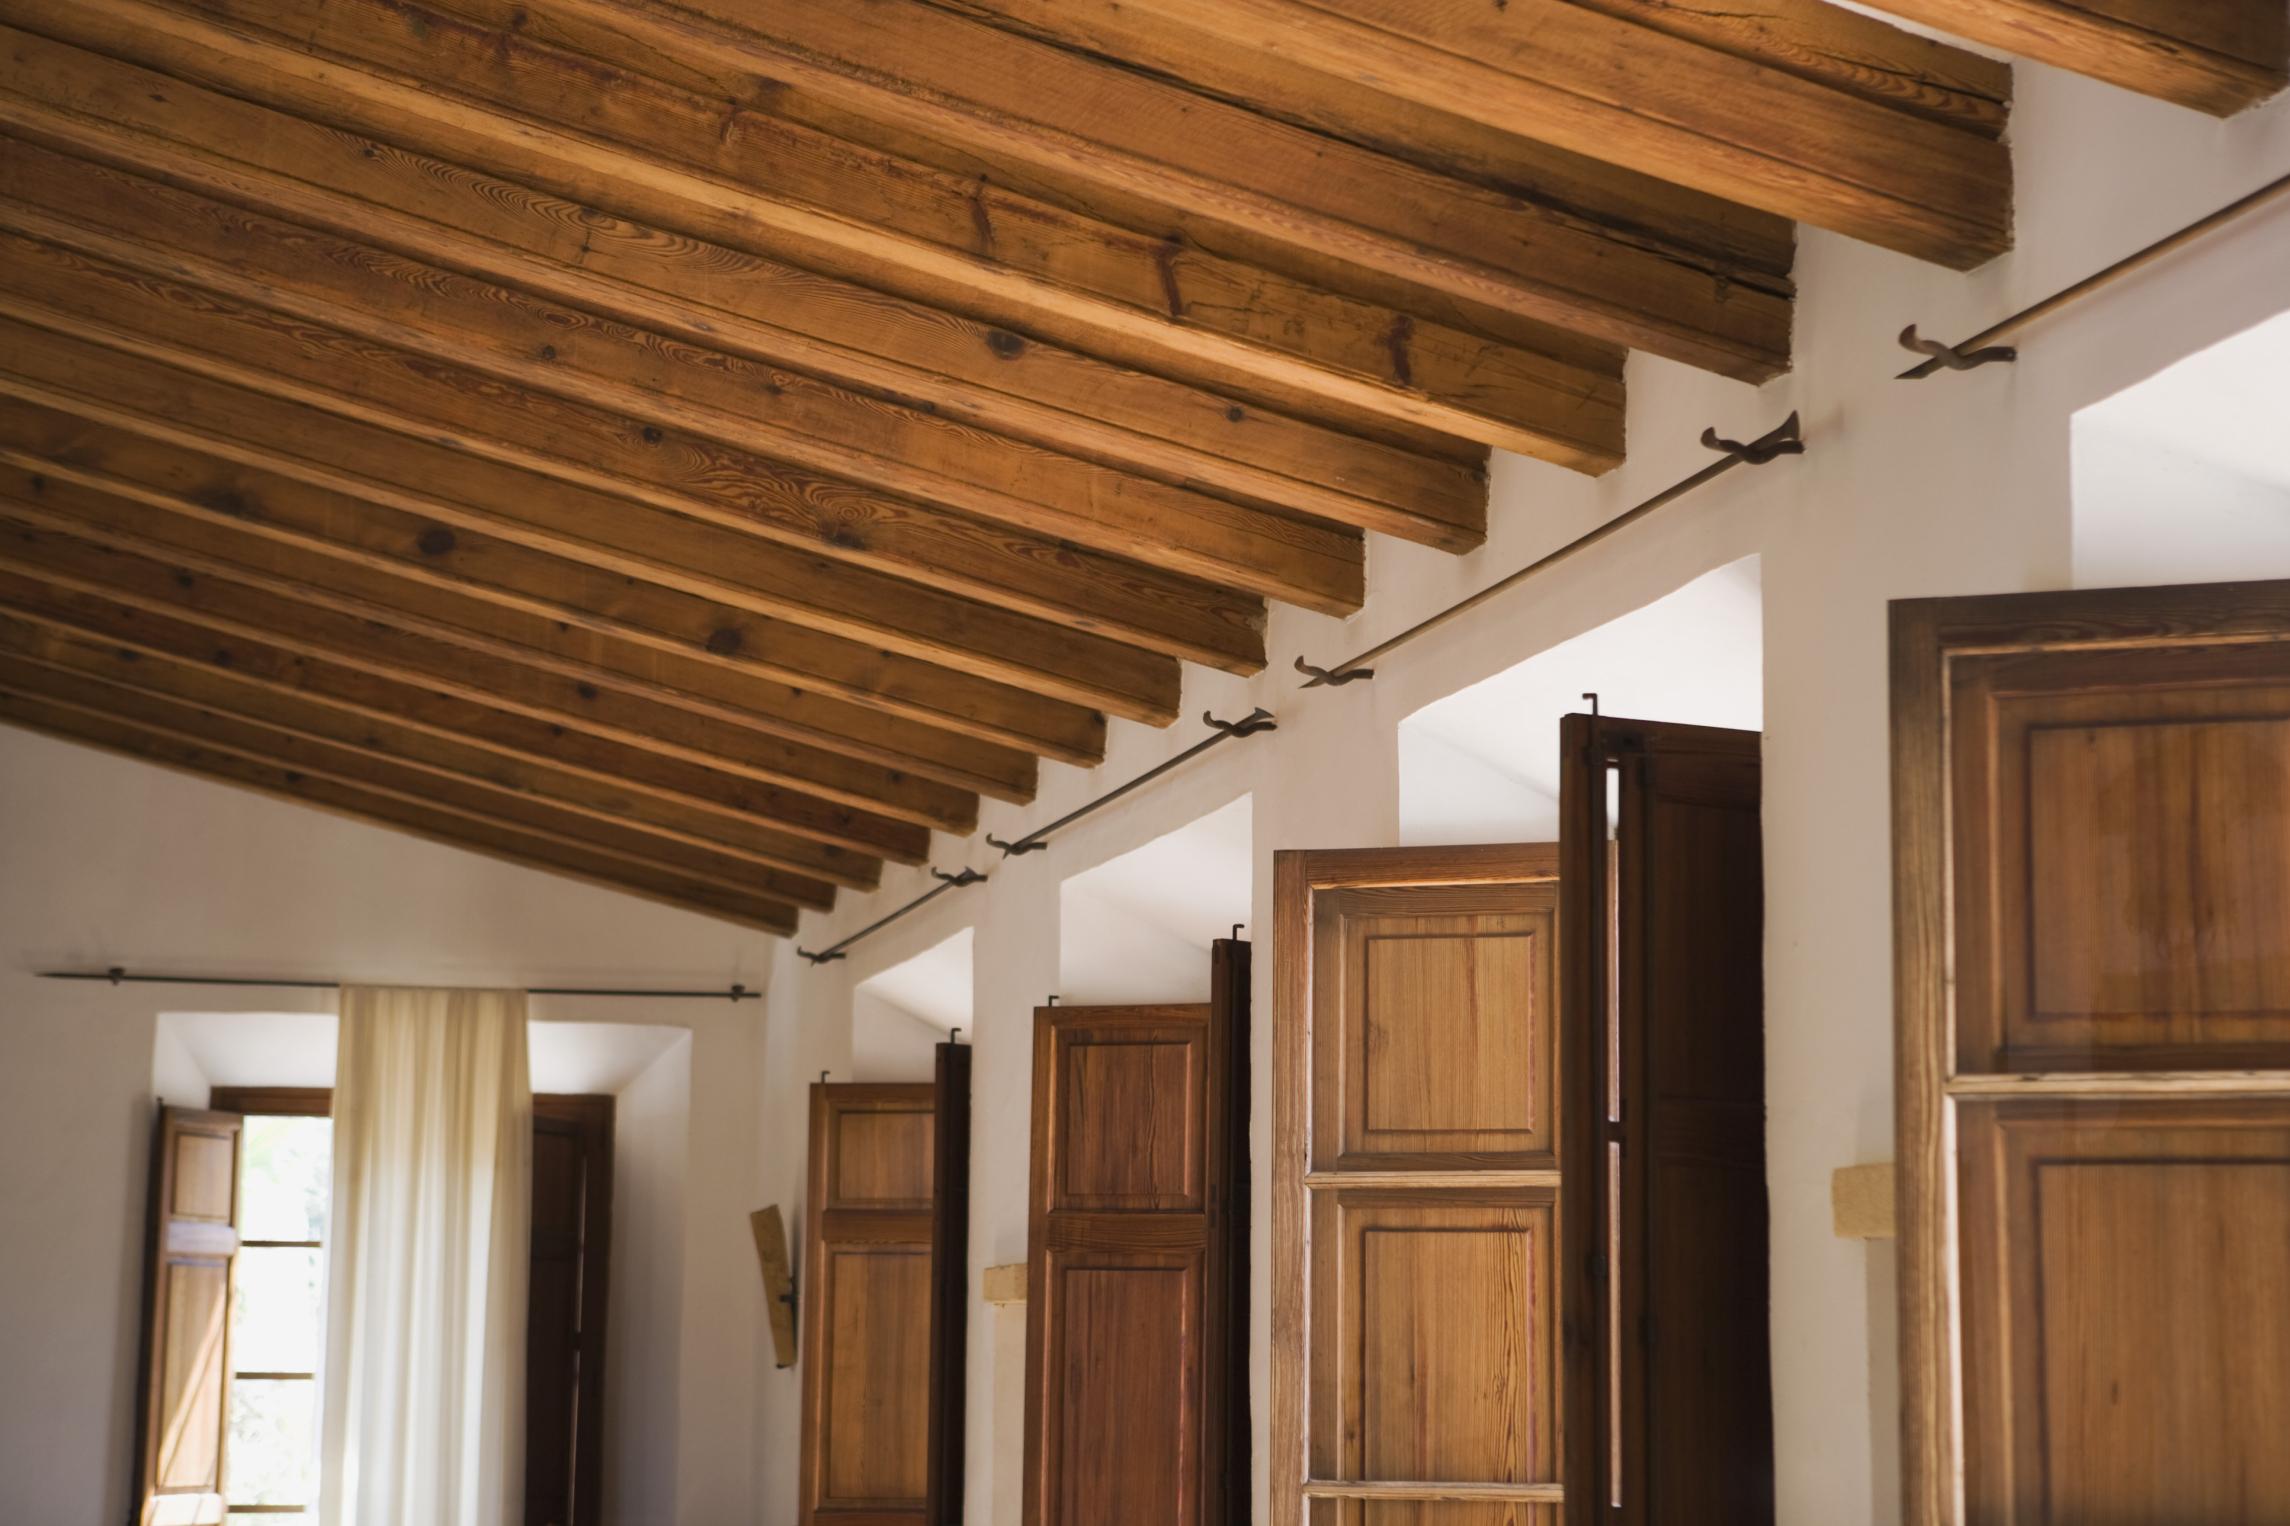 Como hacer un tejado de madera sndwich tah detalle de for Tejados vigas de madera